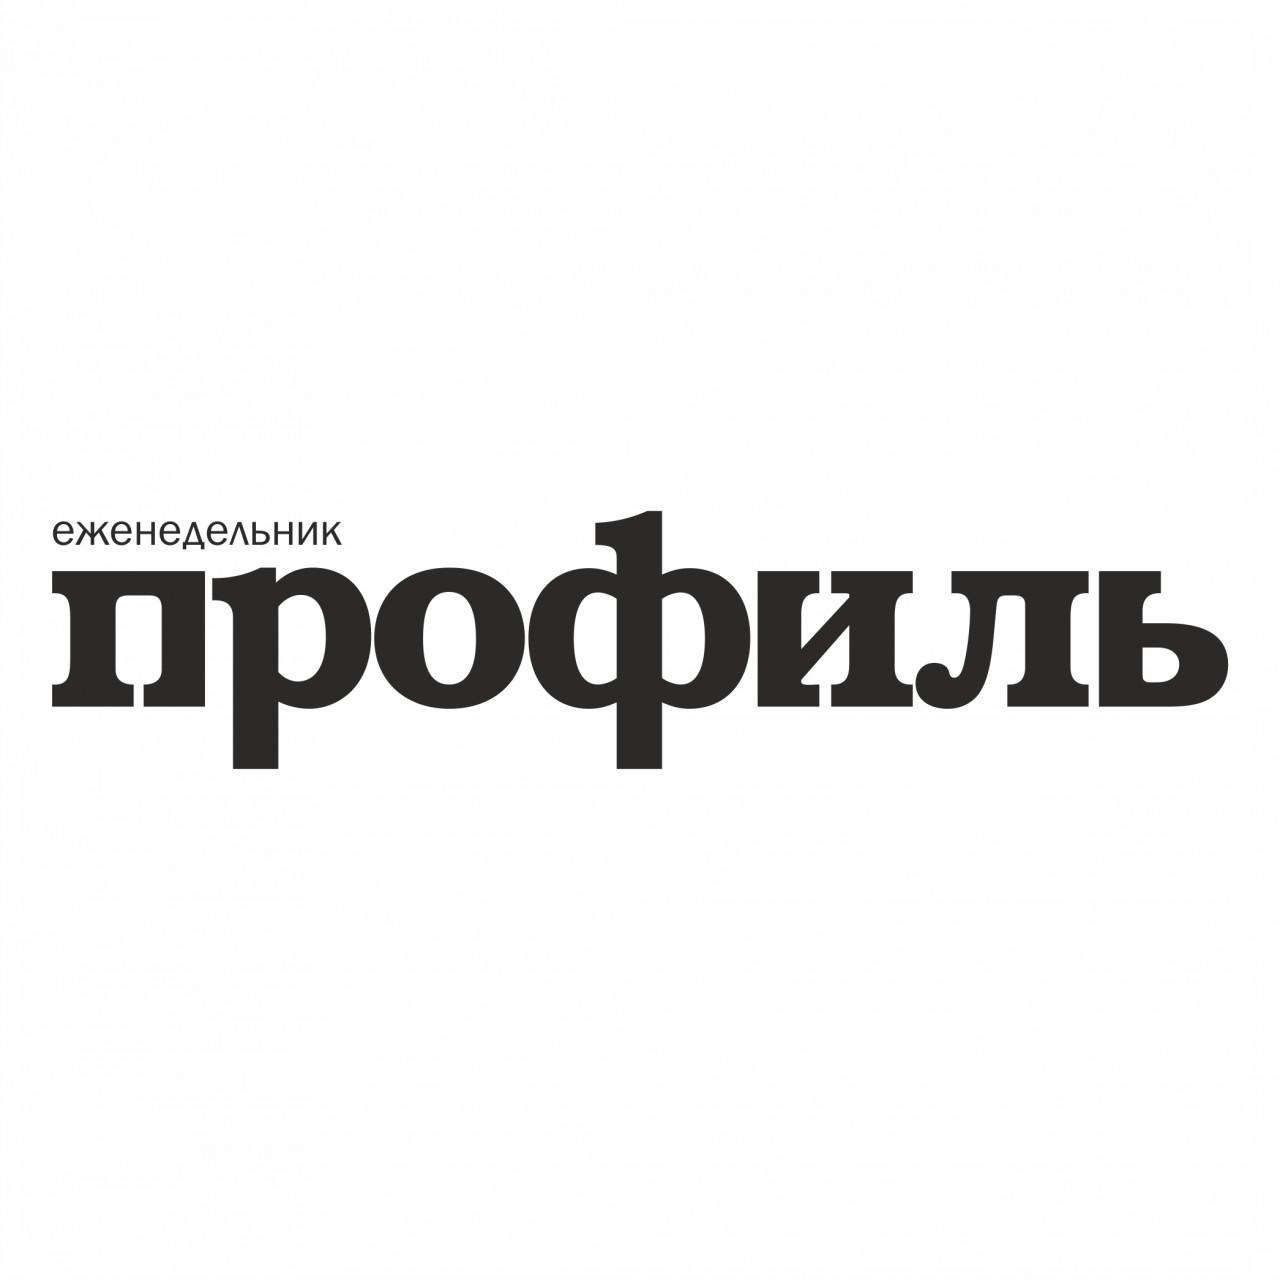 ФСБ сообщила о задержании террористов, координировавшихся через Telegram